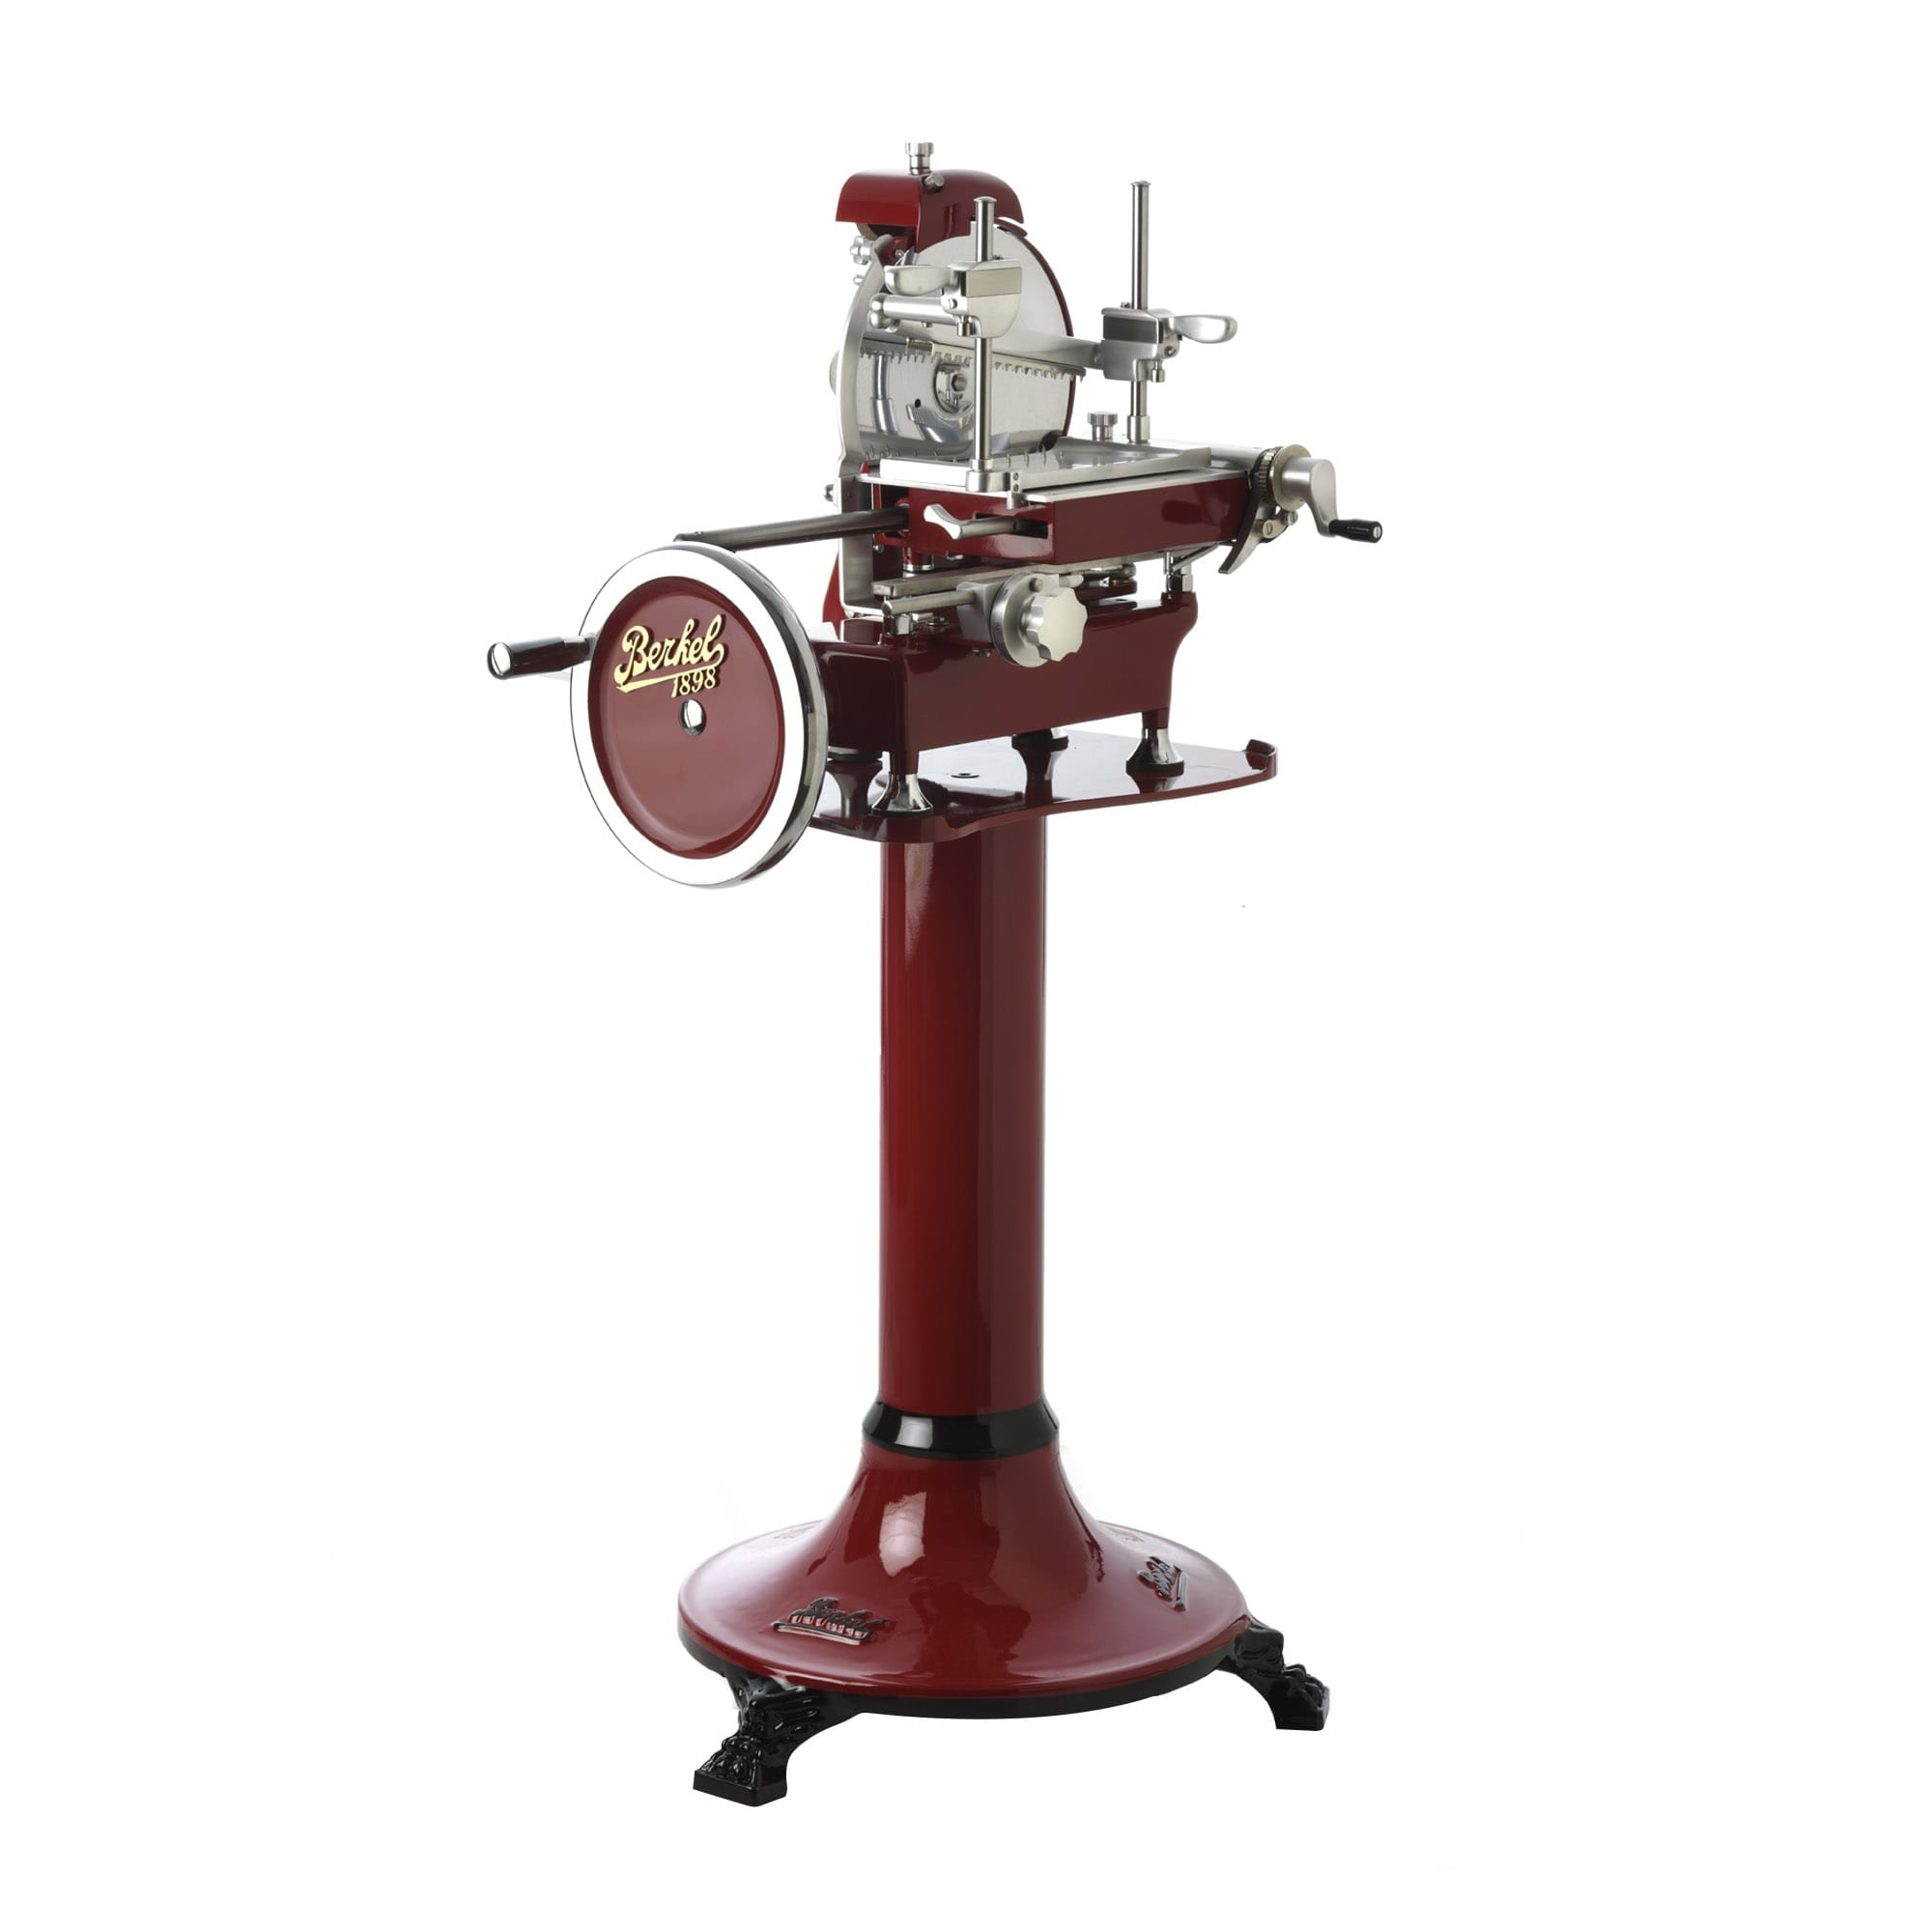 Schneidemaschine Berkel Volano B2 rot